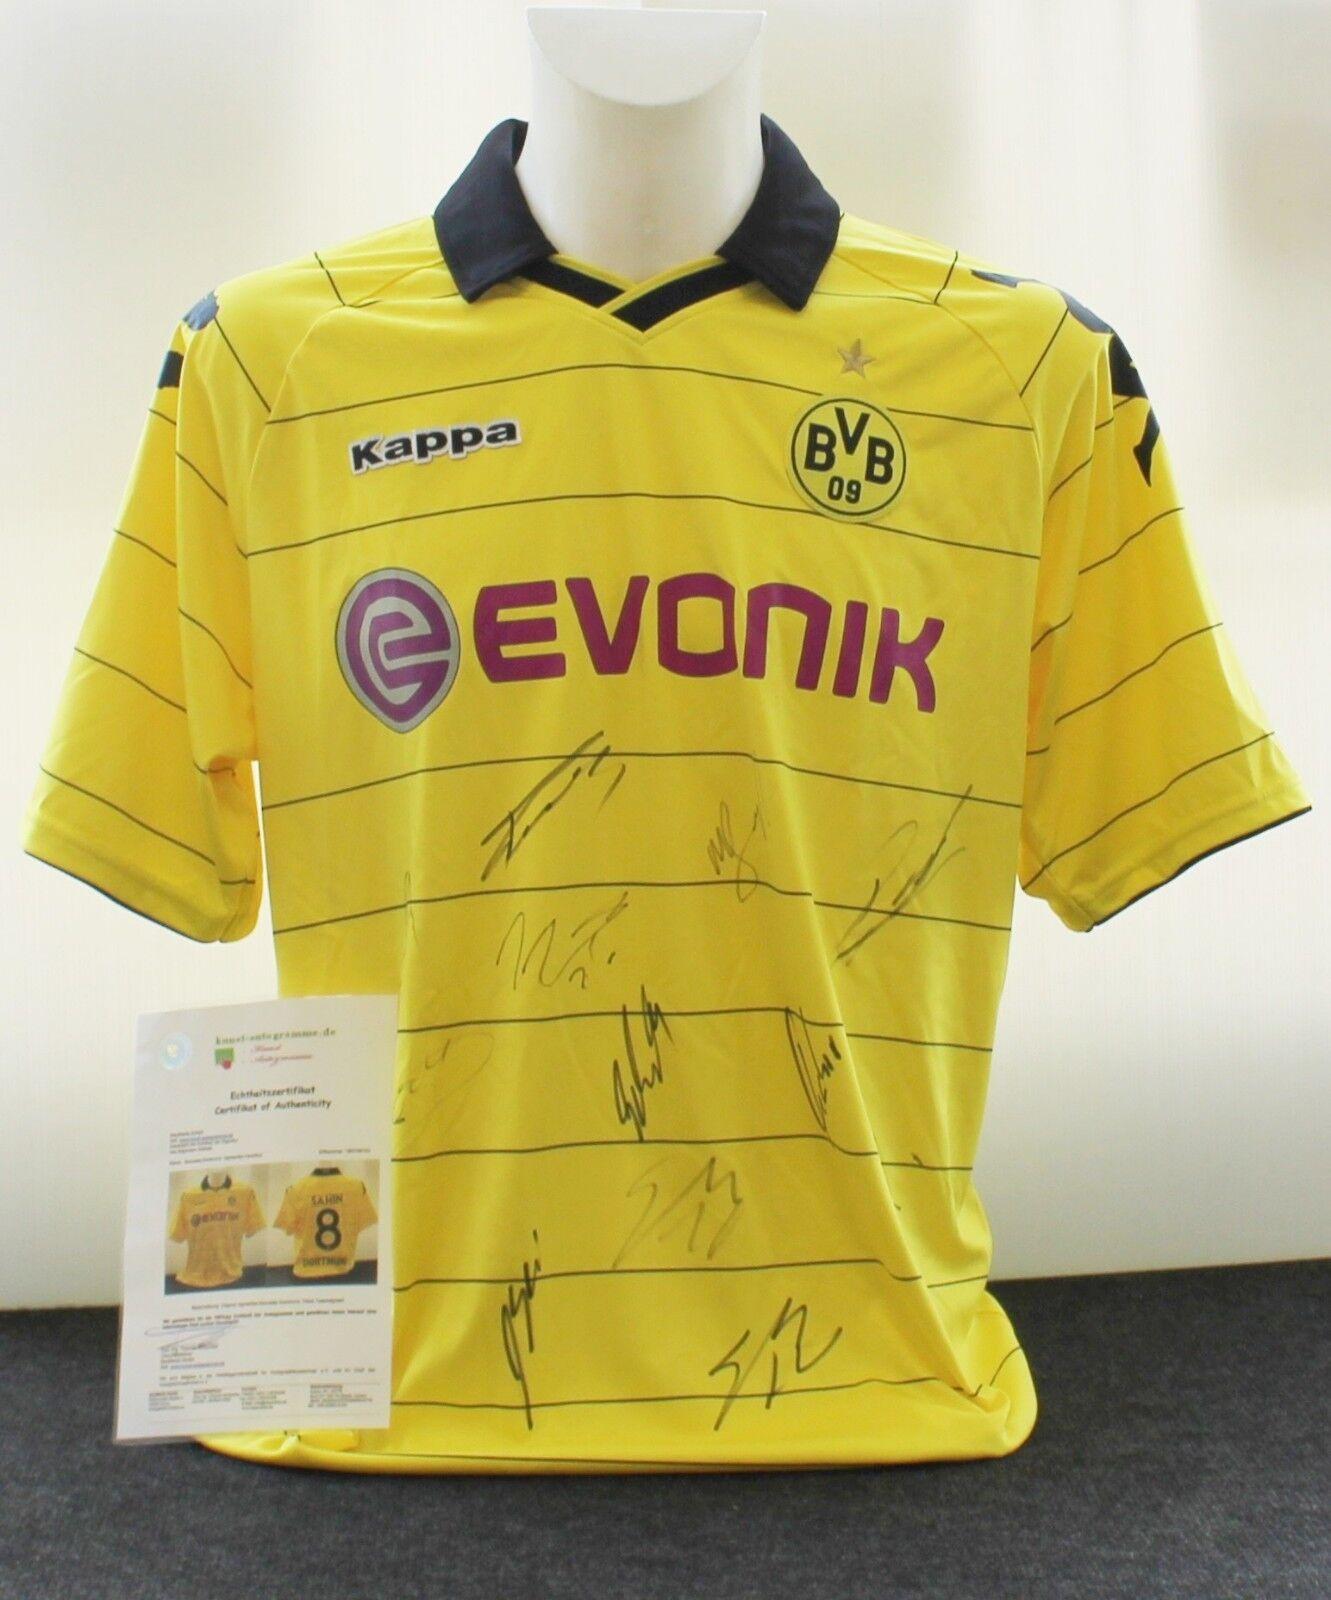 Borussia Dortmund Teamsigniert Trikot aus der Meistersaison 2010/11 Teamsigniert Dortmund  , gr.XL 38c355